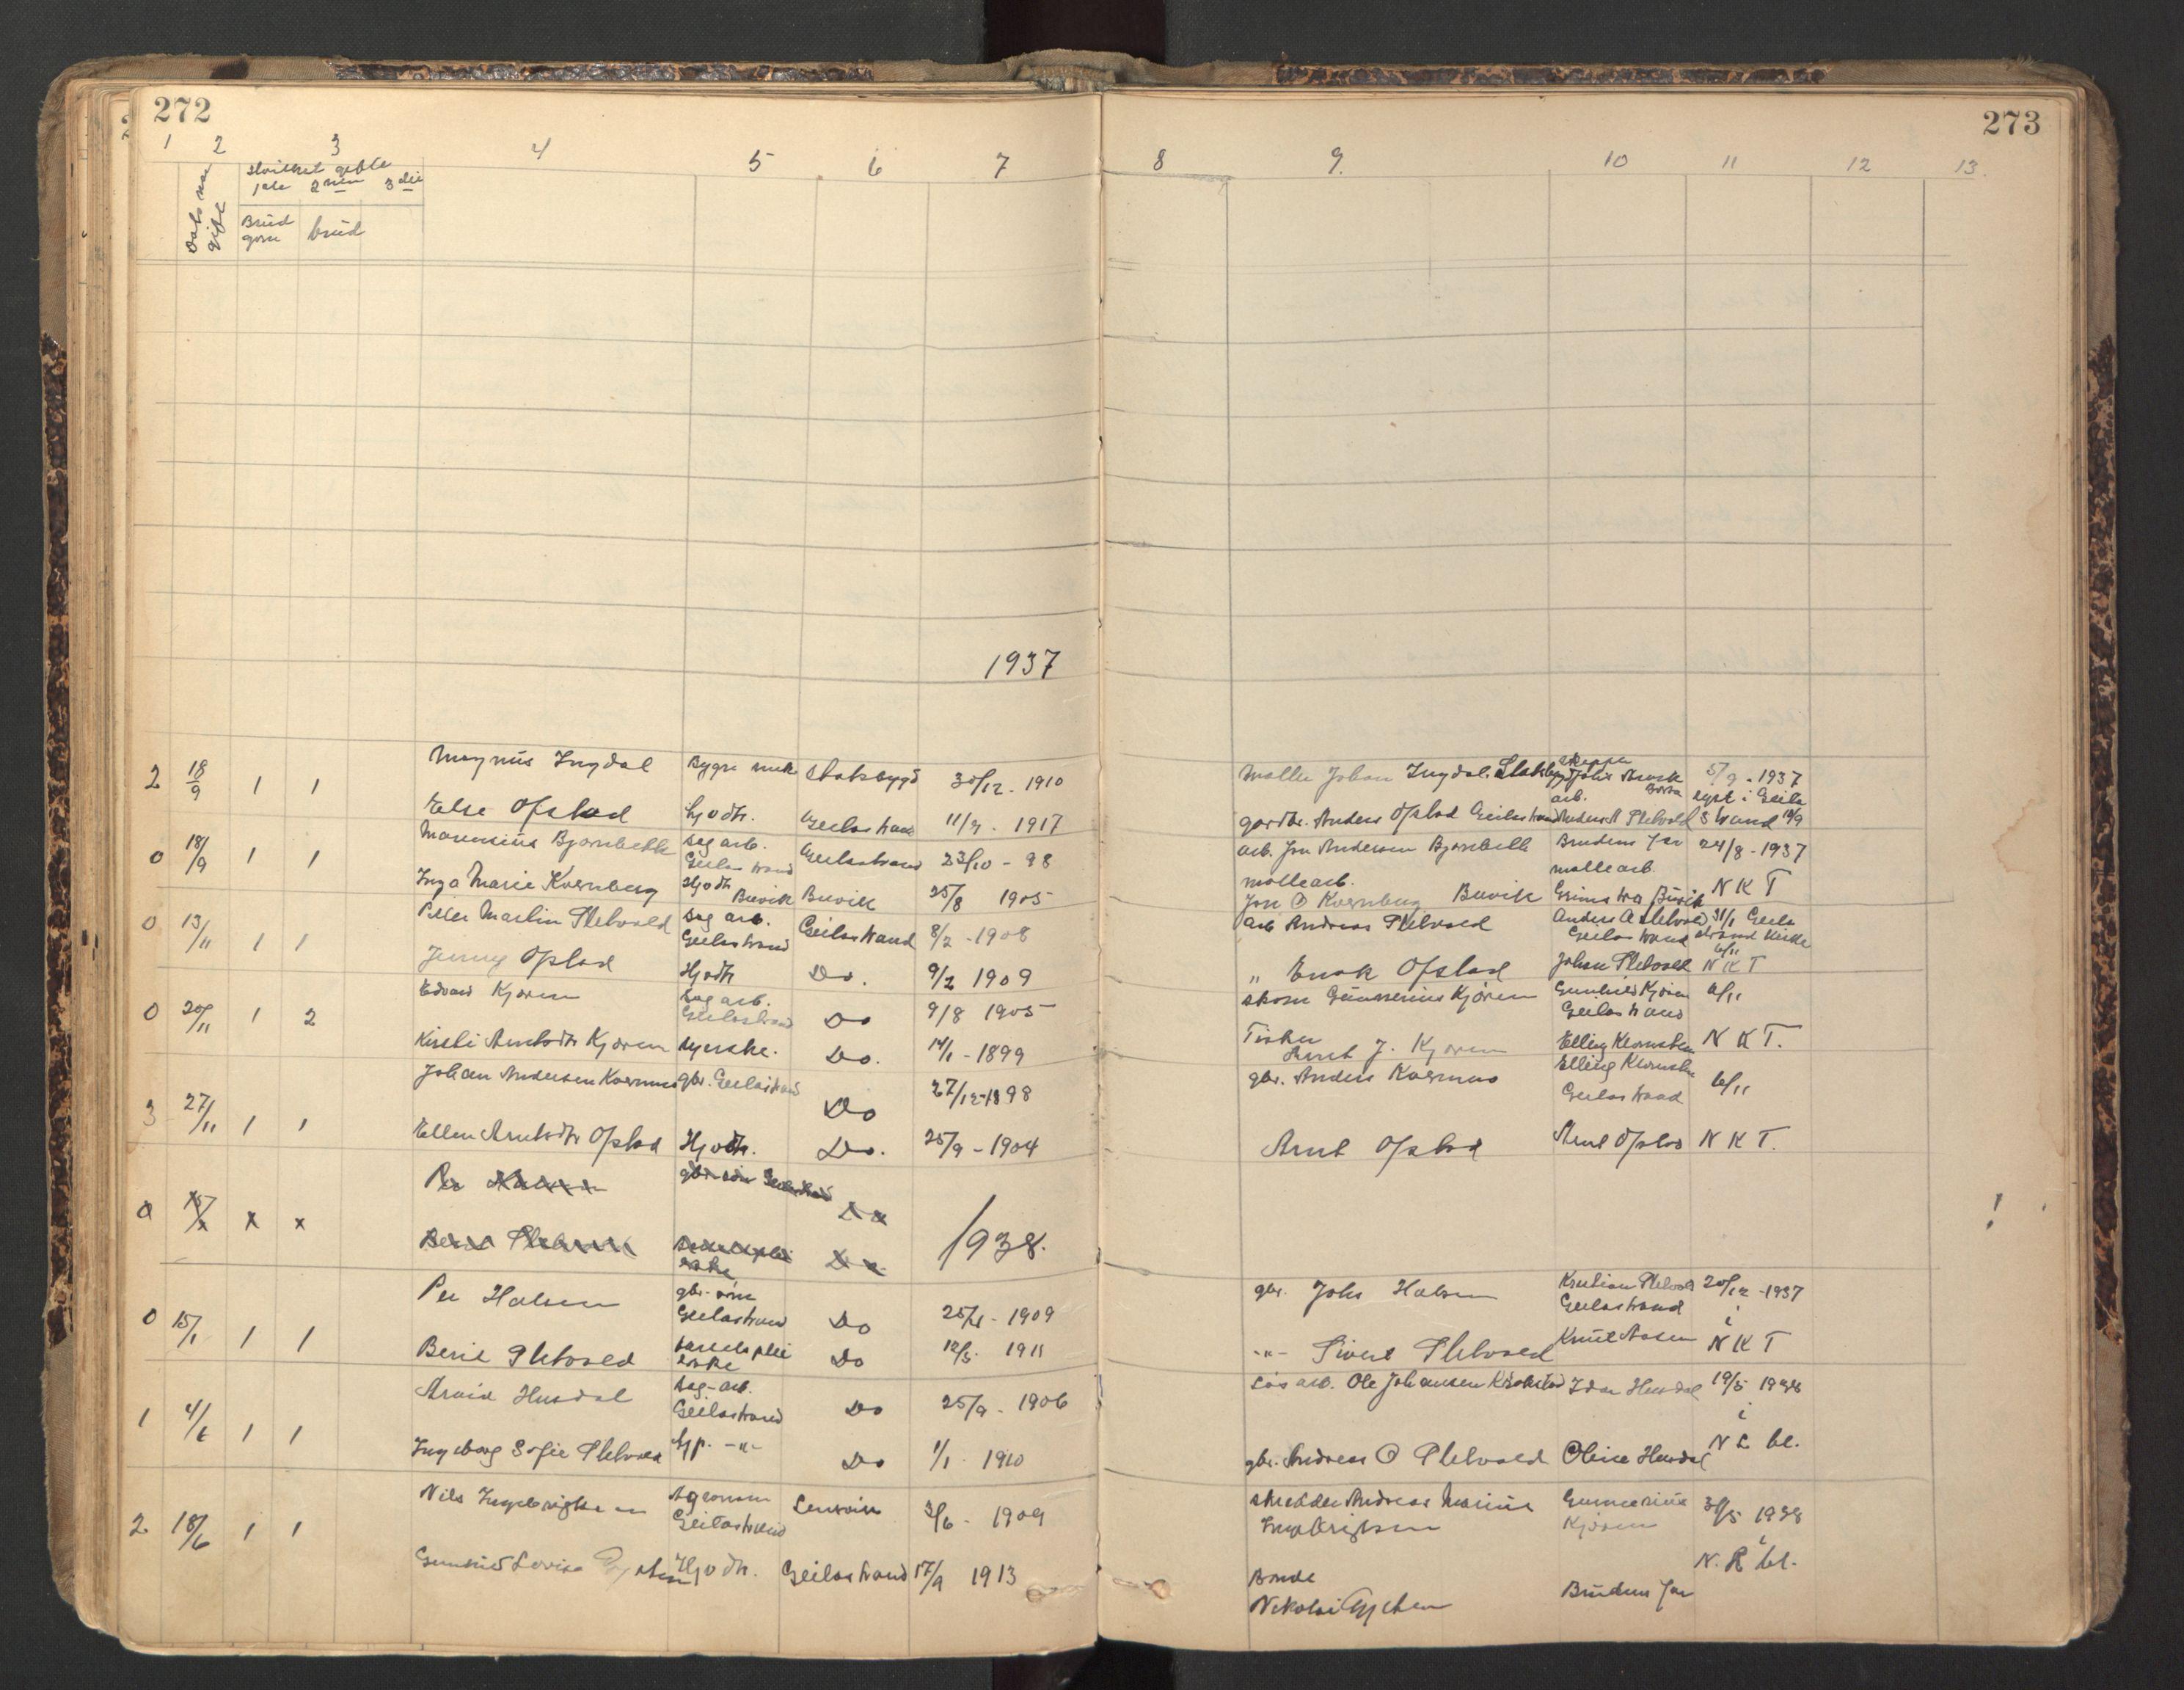 SAT, Ministerialprotokoller, klokkerbøker og fødselsregistre - Sør-Trøndelag, 670/L0837: Klokkerbok nr. 670C01, 1905-1946, s. 272-273